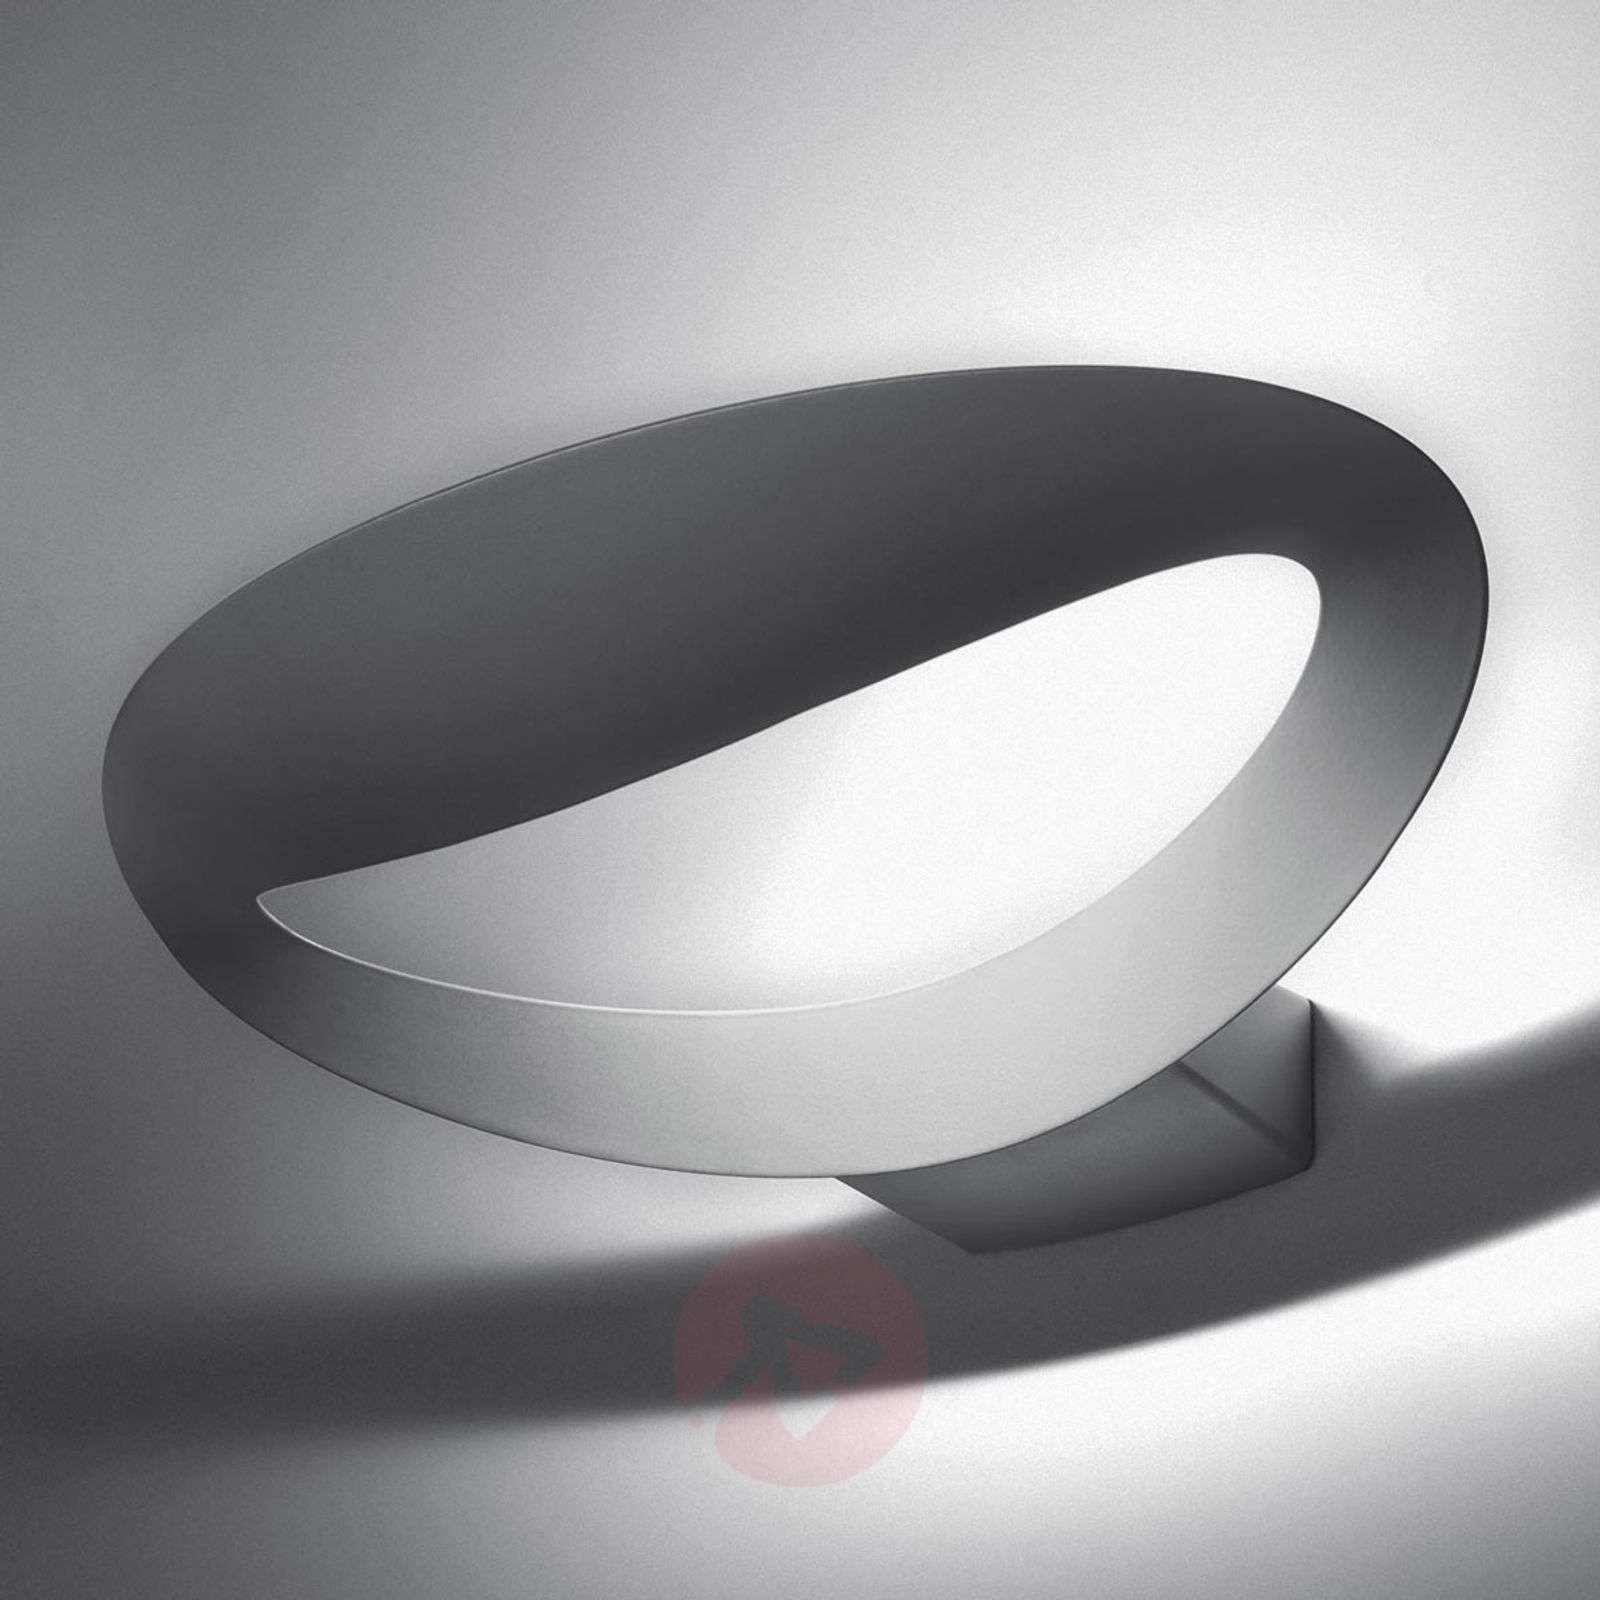 Valkoinen LED-design-seinävalaisin Mesmeri-1060010-01